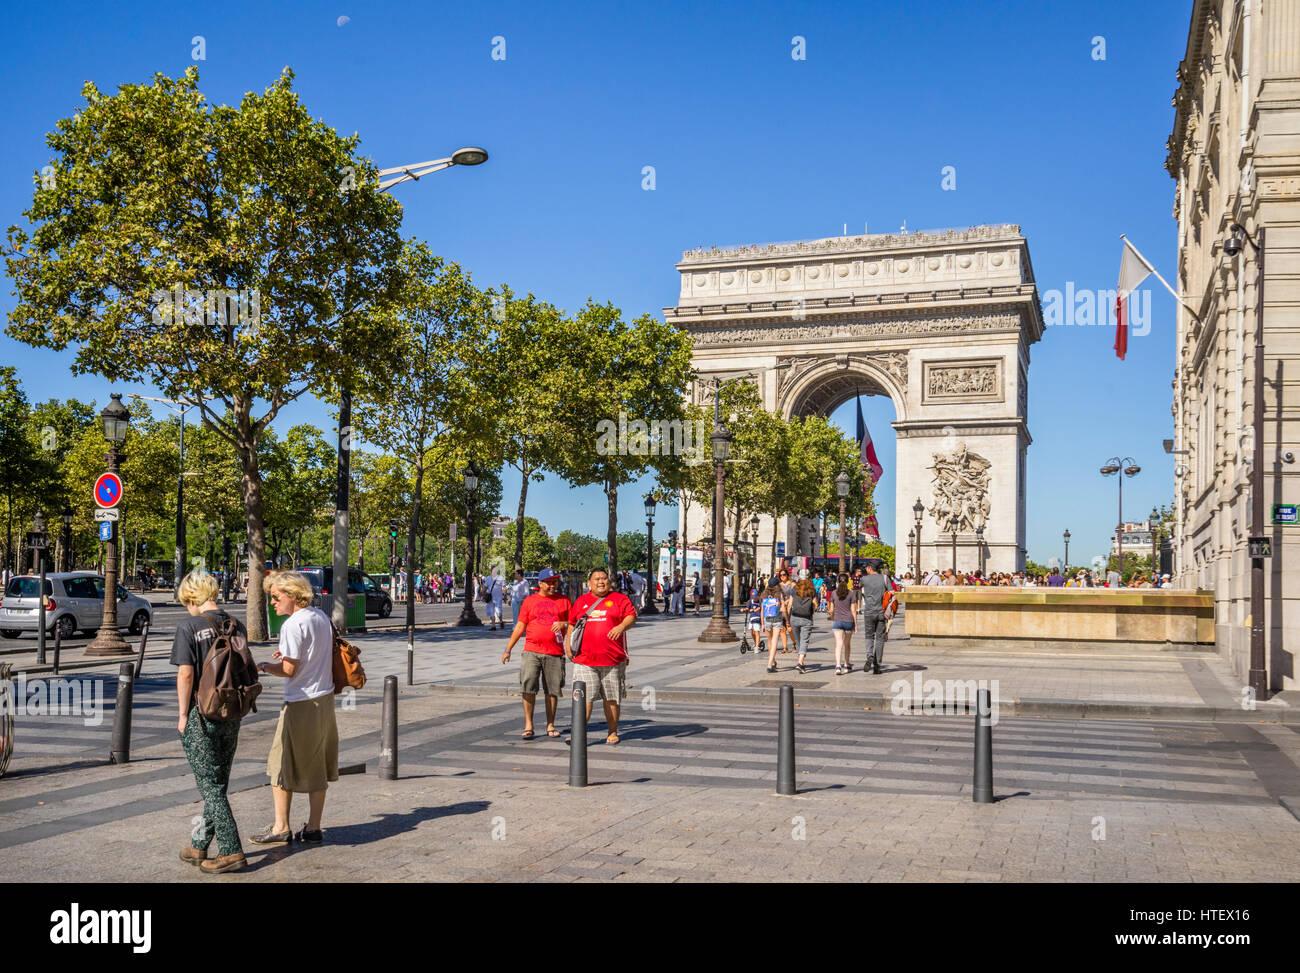 France, Ile-de-France, Paris, Arc de Triomphe de l'Étoile seen from Champs Elysées - Stock Image